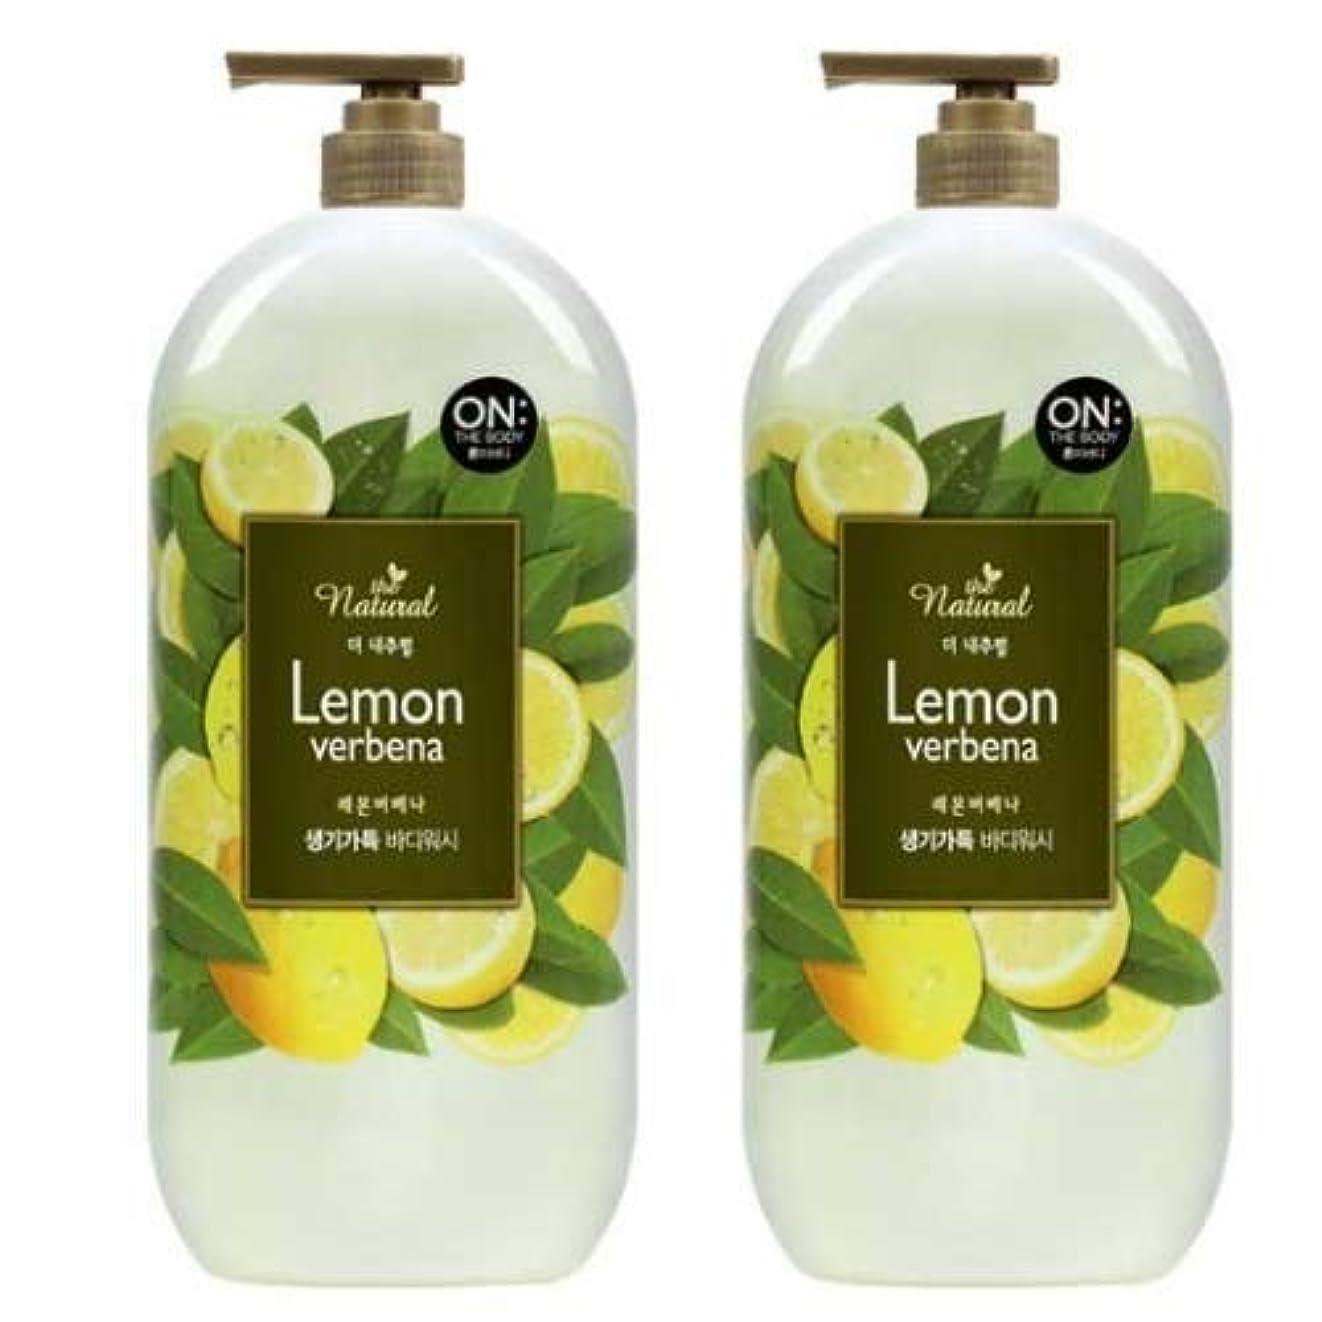 揺れる縮約証明[LG HnB] On the Body The Natural Body Wash / オンザボディよりナチュラルウォッシュ900gx2個(海外直送品)